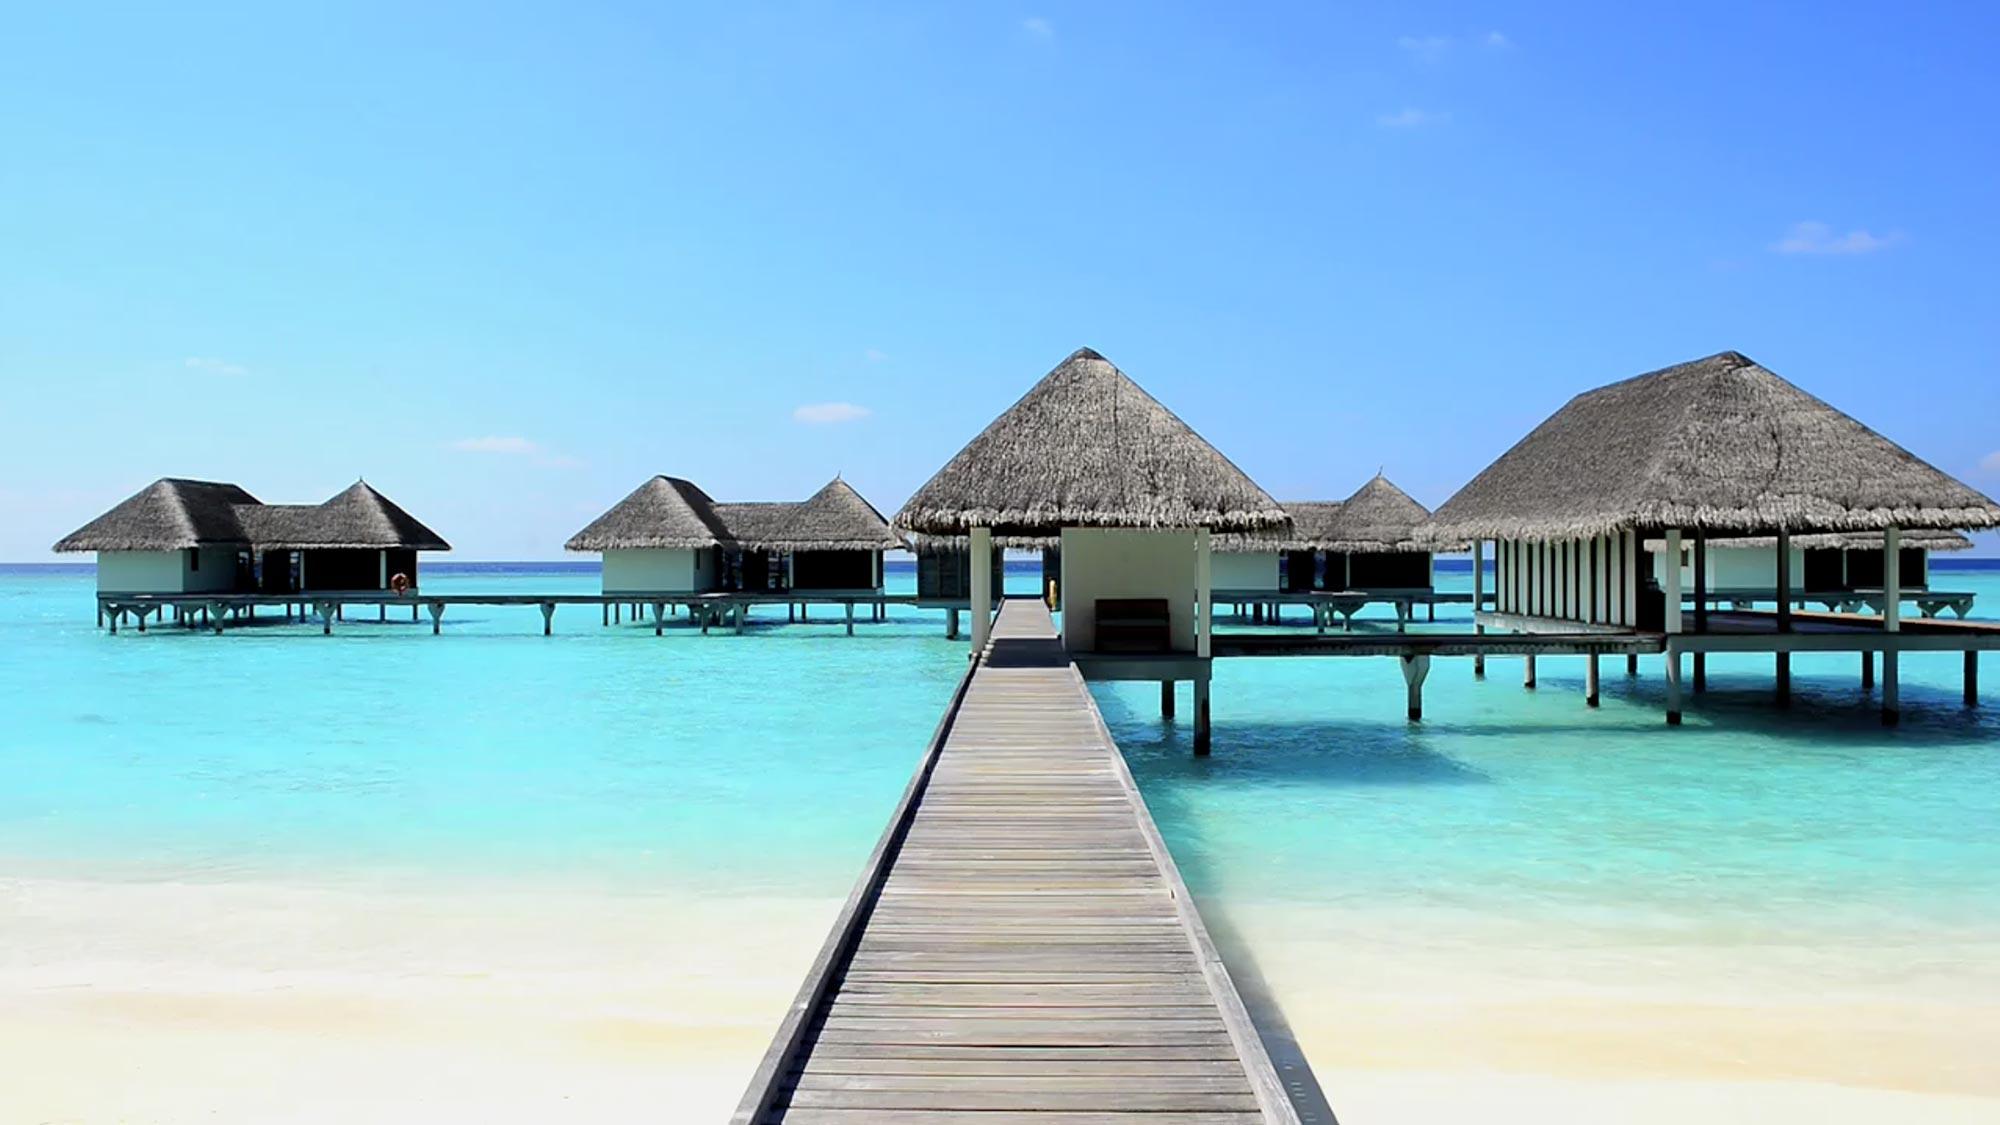 جزر المالديف شهر العسل موقع العروس